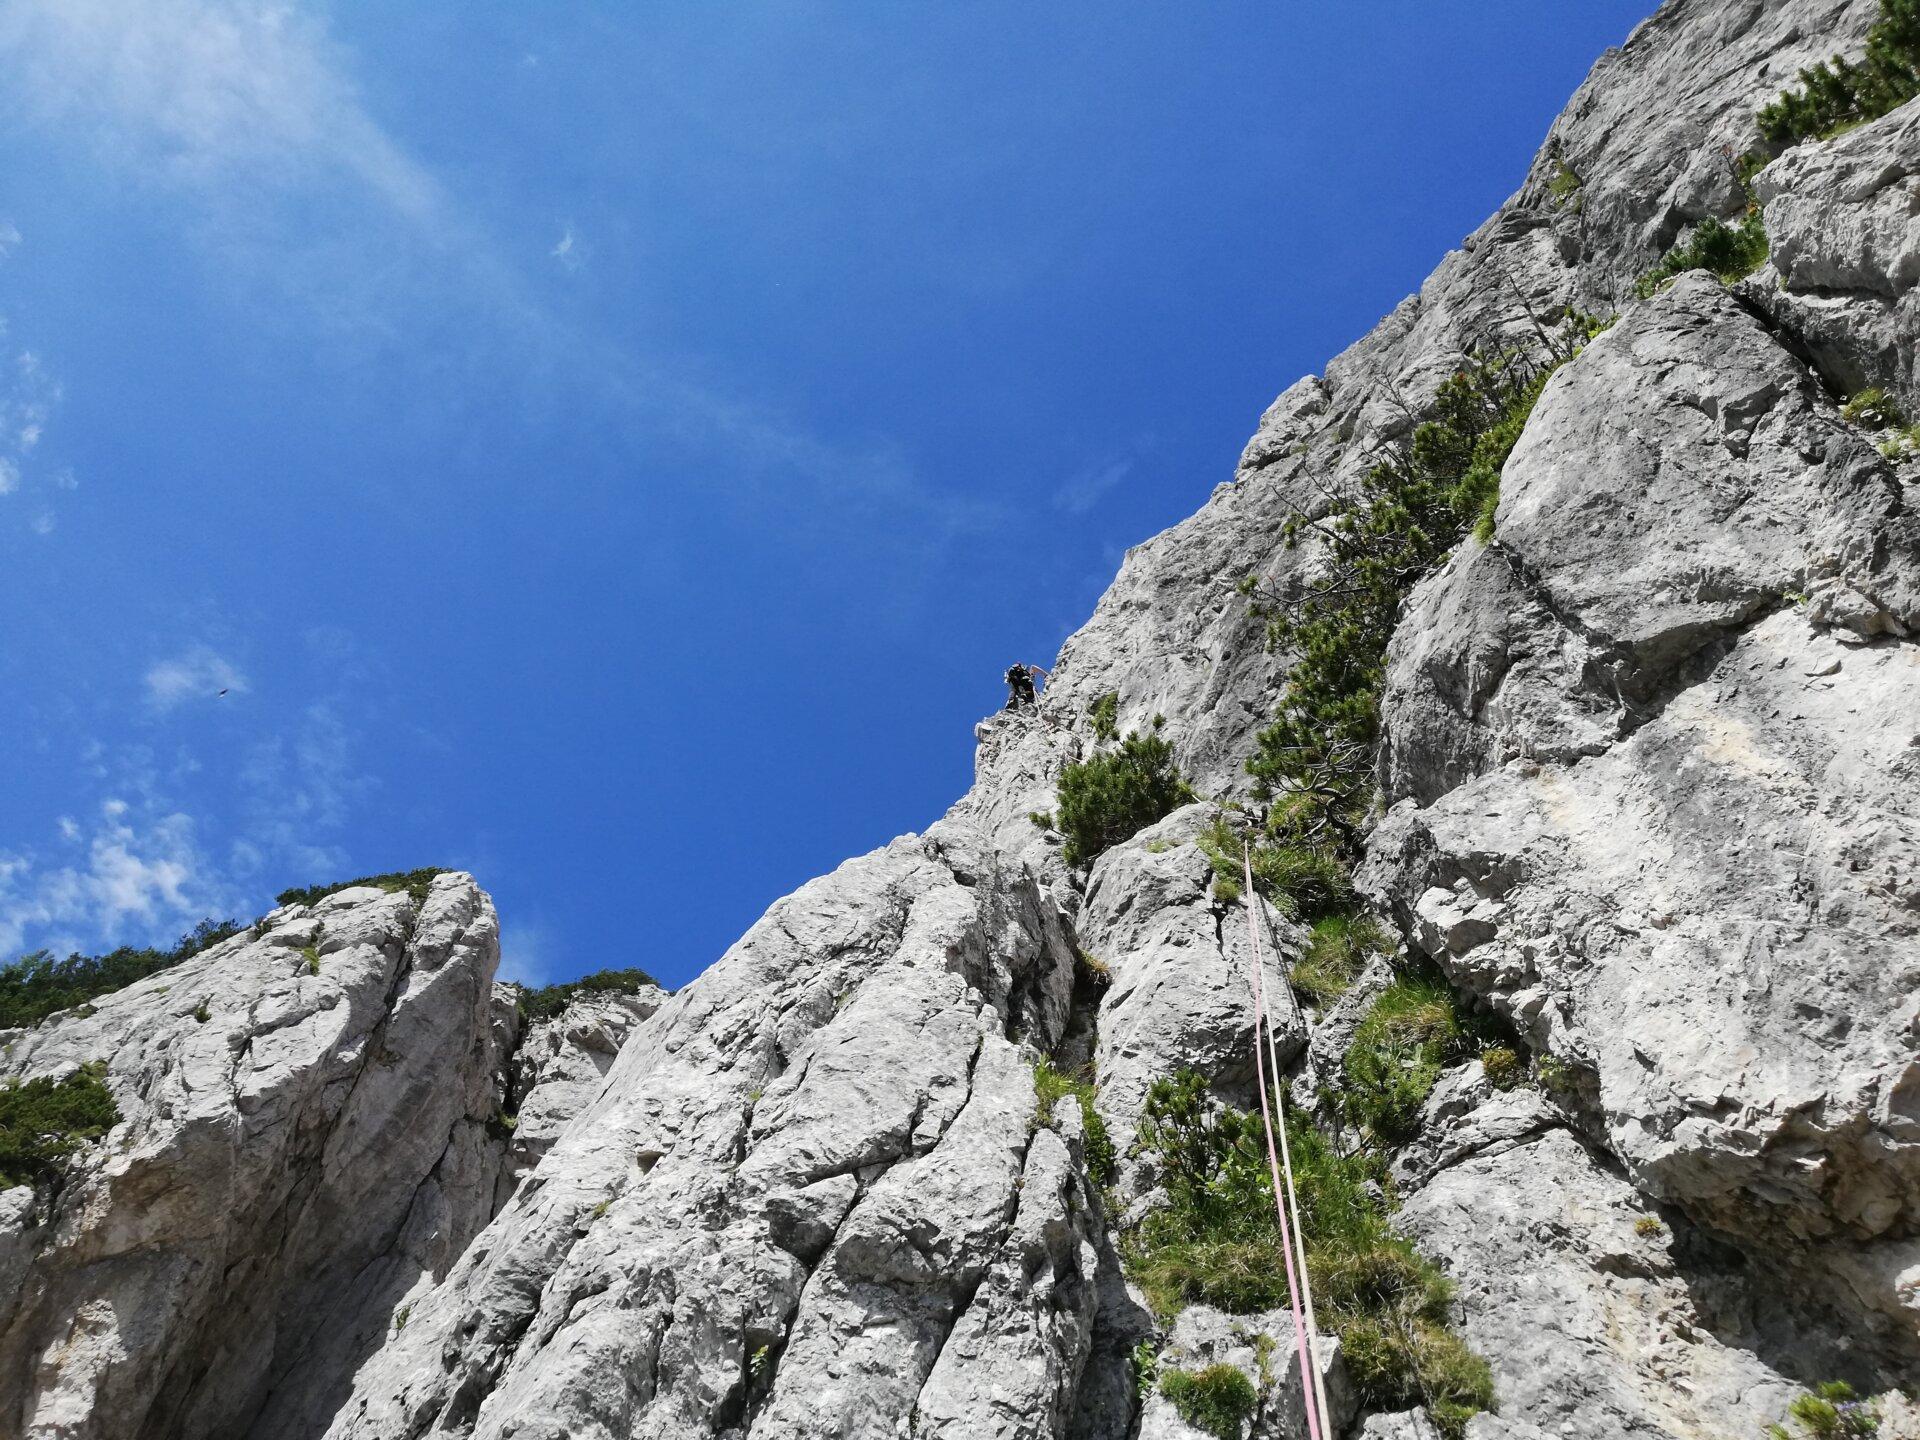 Bo letos pri nas kak alpinistični krst?